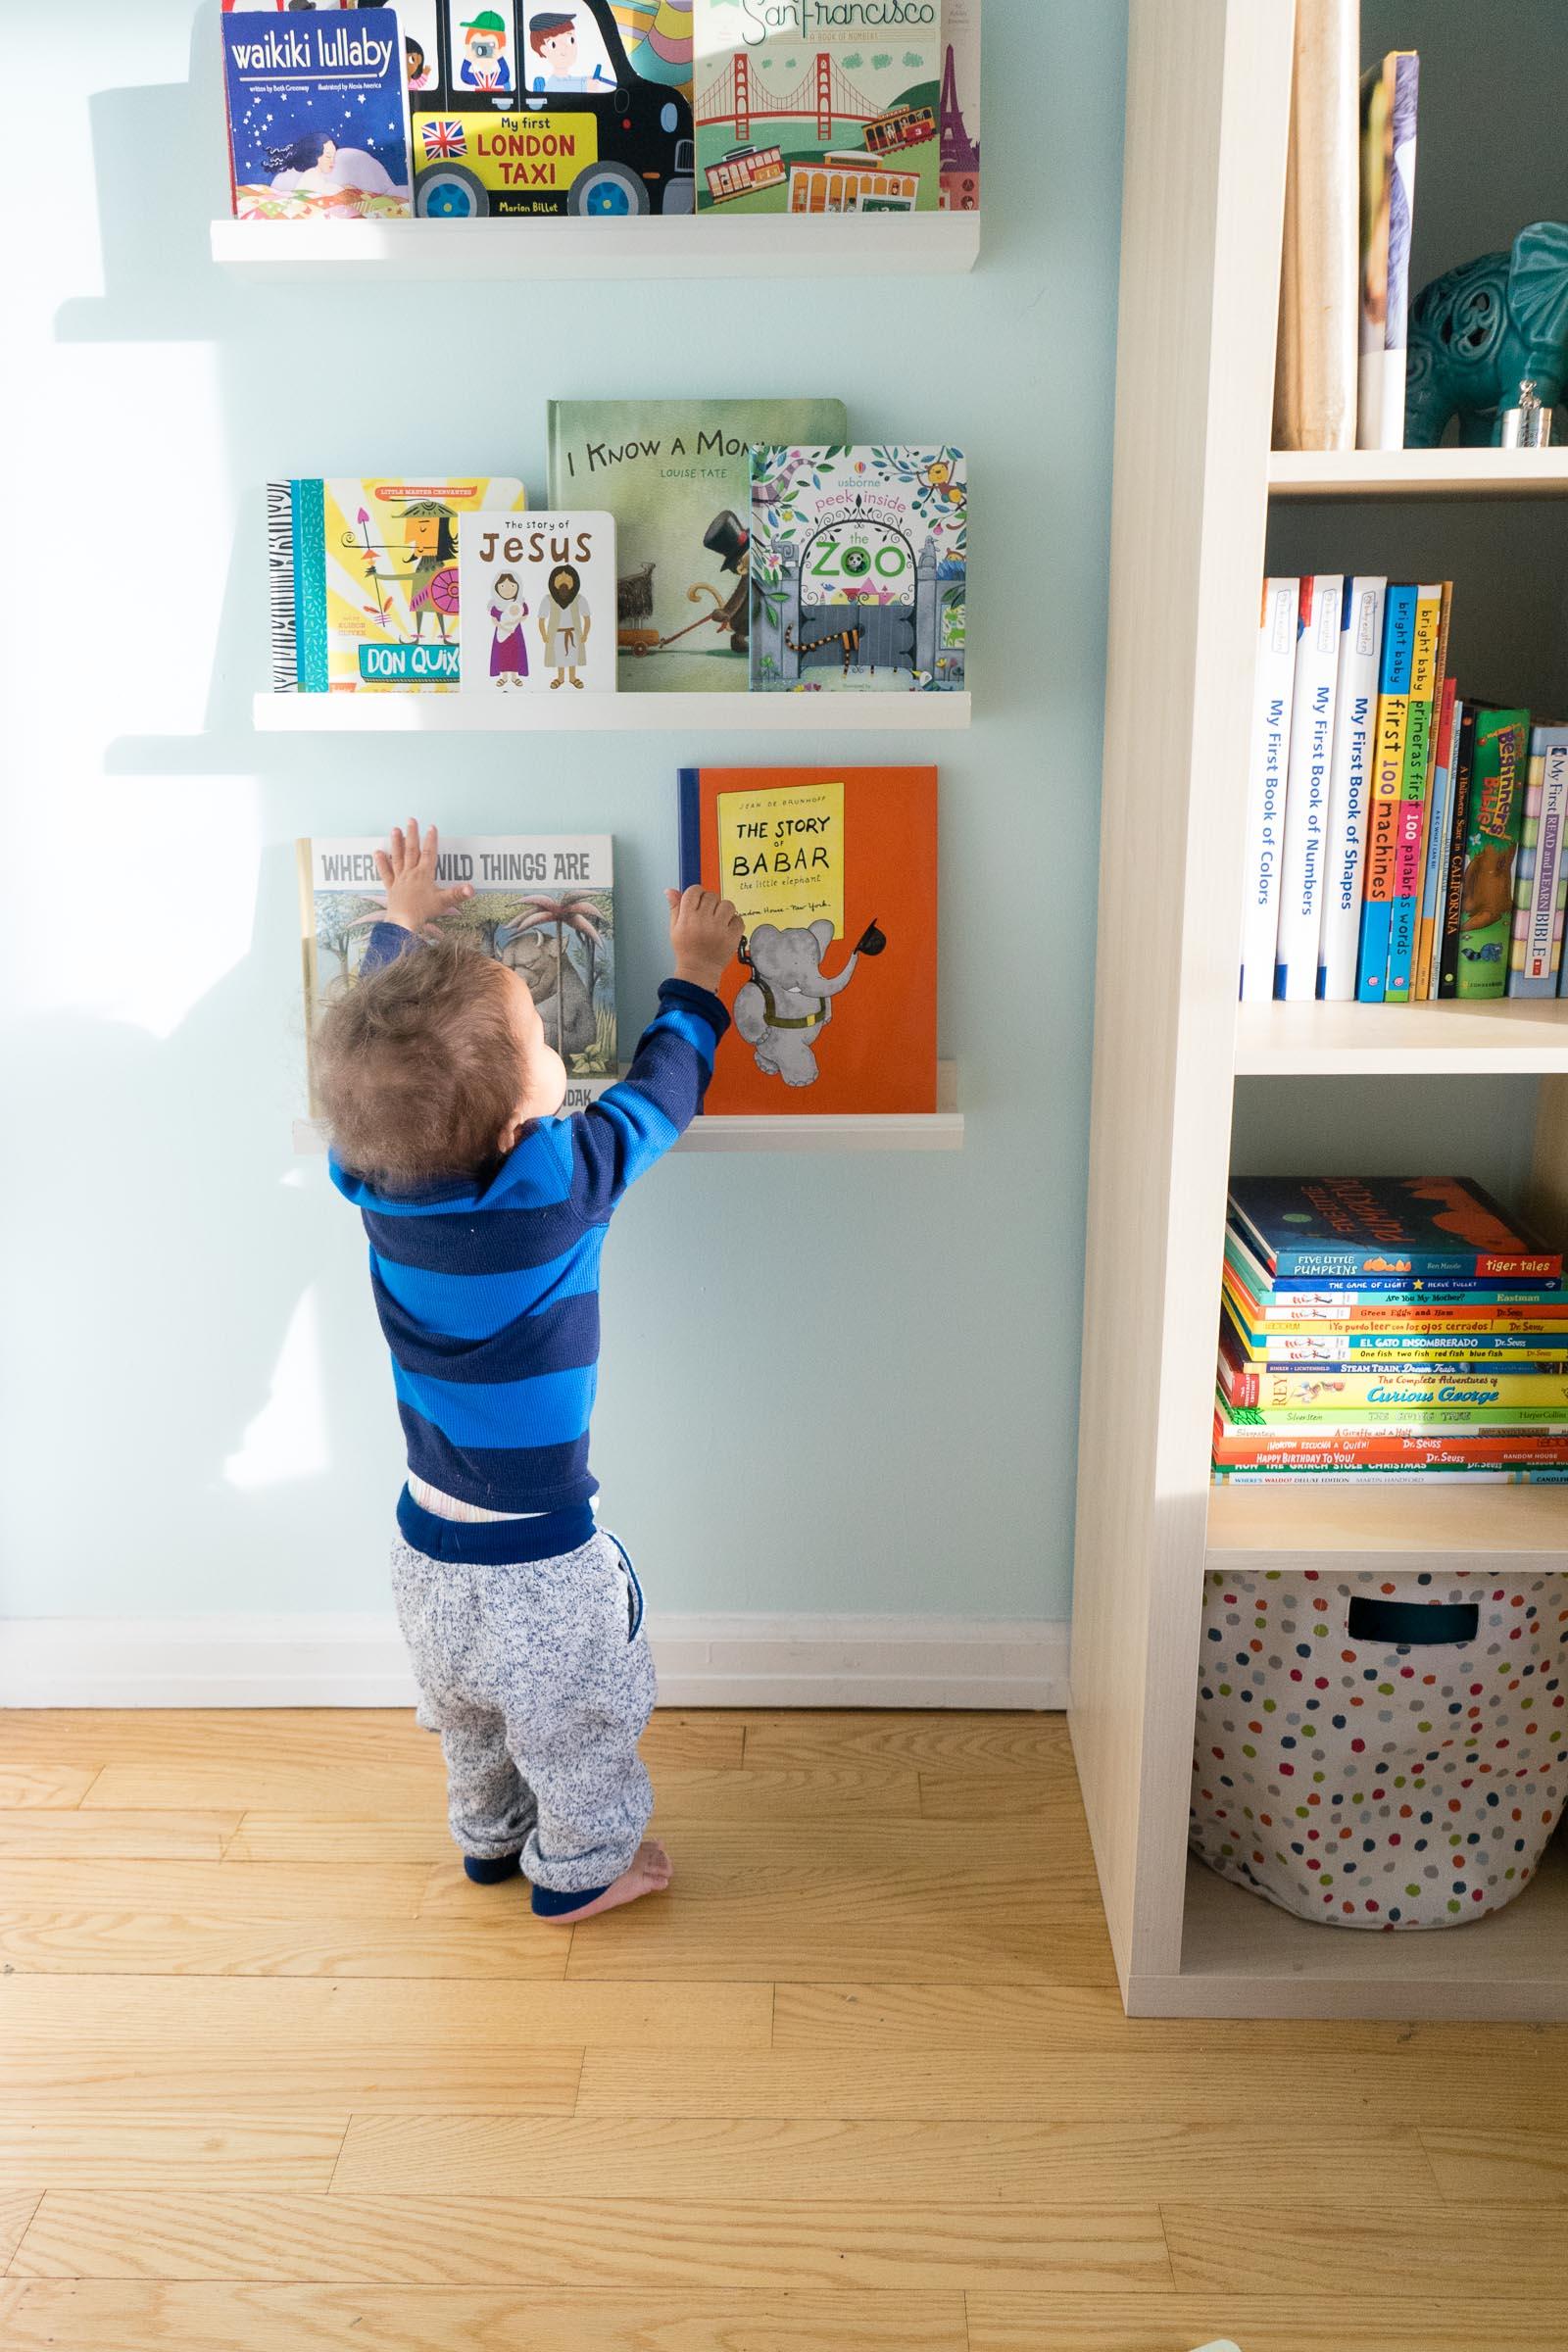 nursery-room_toddler-books_DIY_-book-display-25.jpg